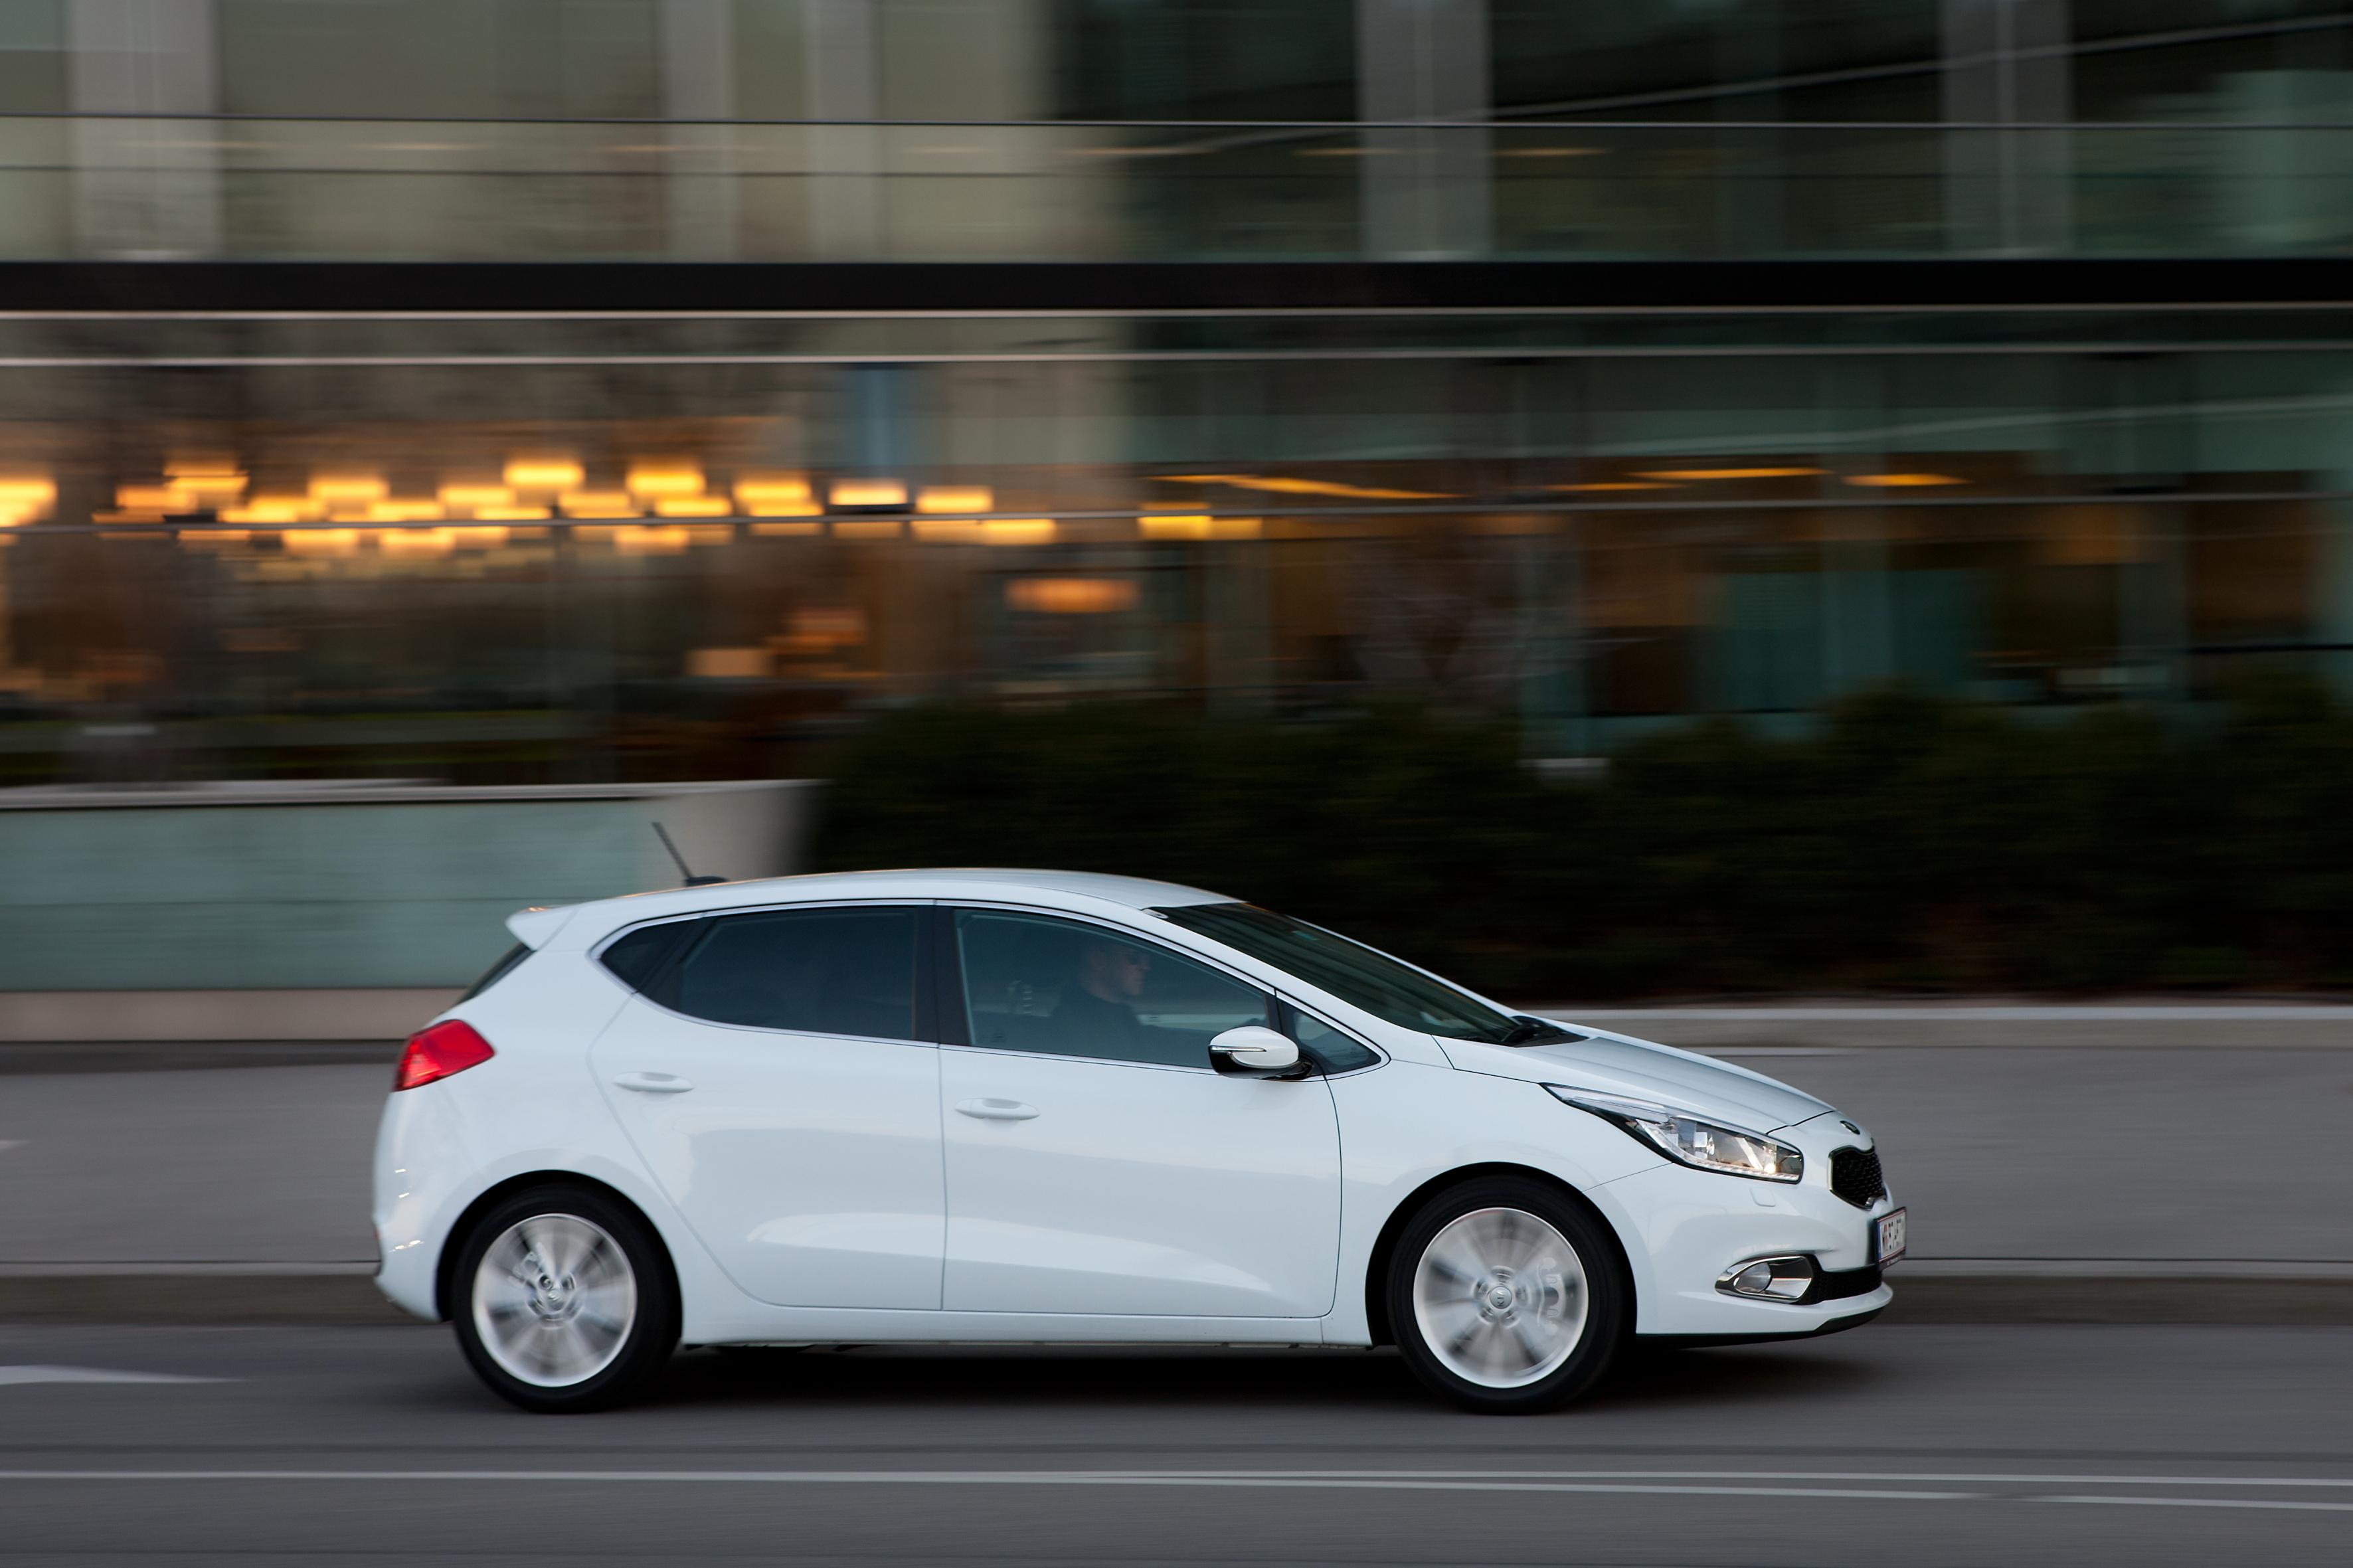 при производстве киа сид класс автомобиля по европейской классификации SmartWoolАмериканская